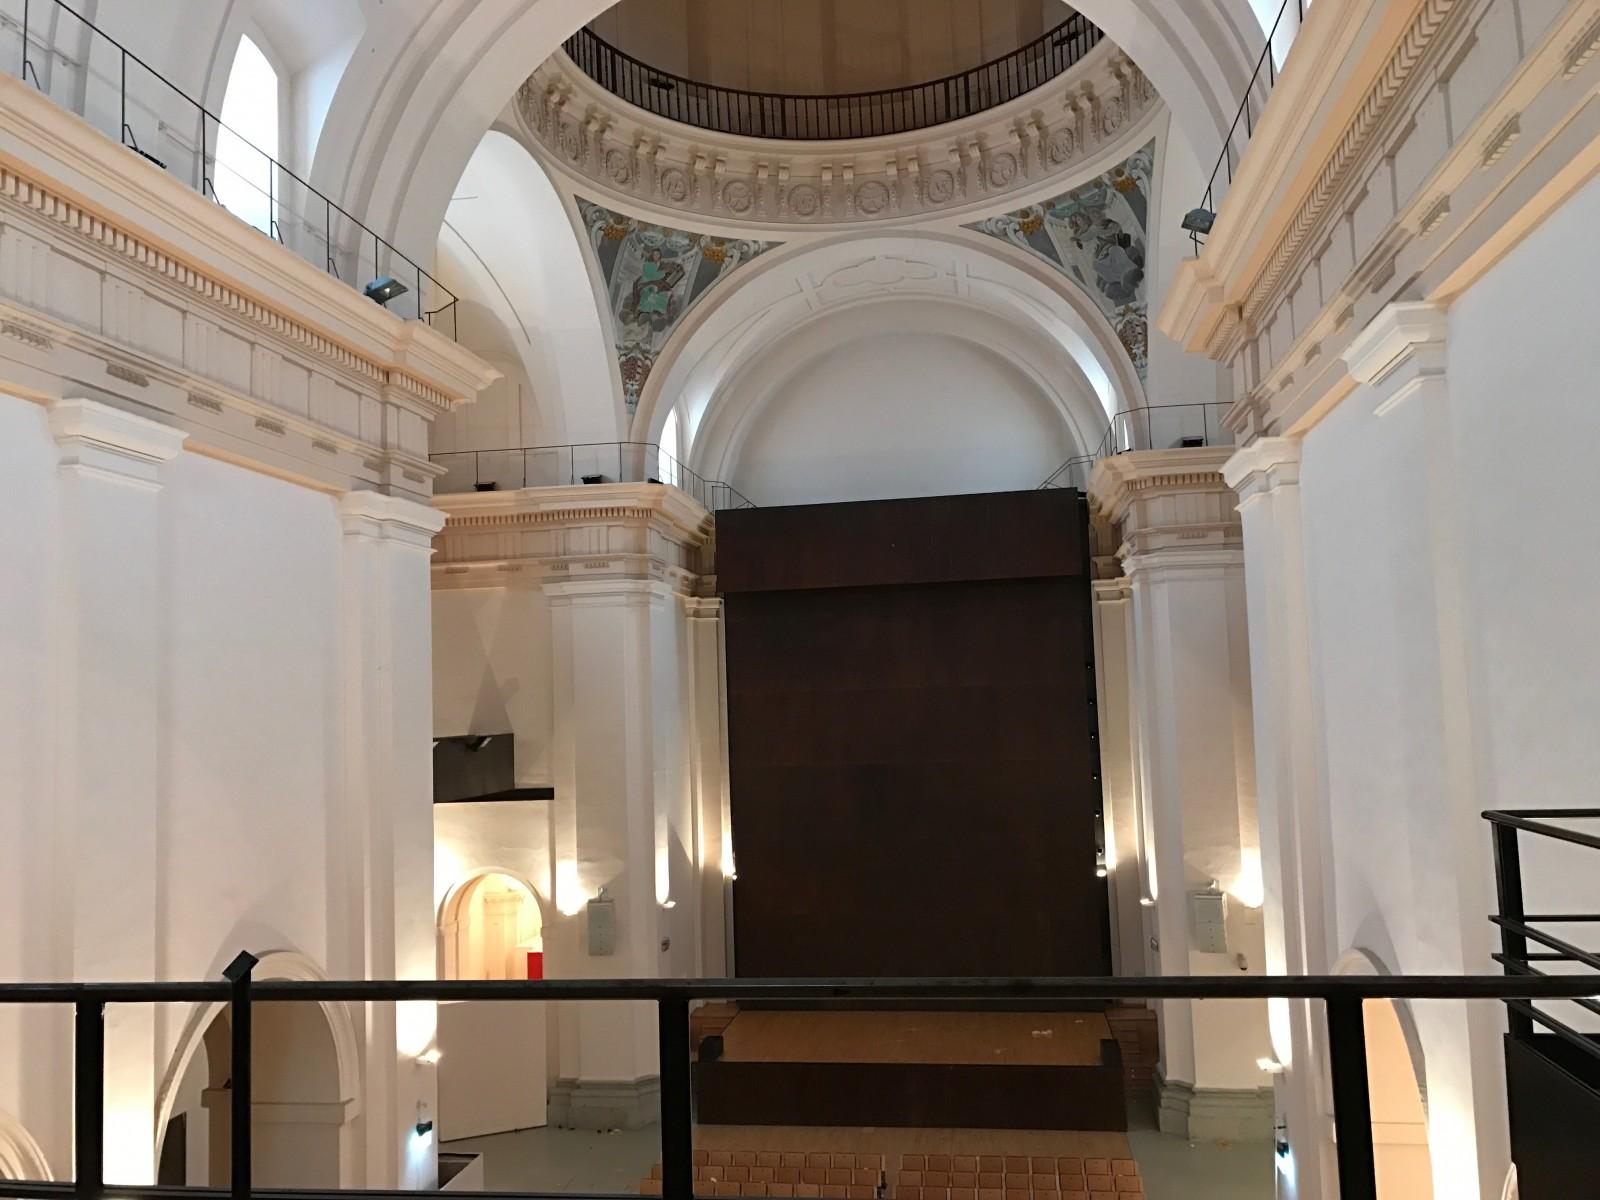 Montaje exposición 153 años Bomberos de Toledo30 años Pablo Carrasco (8)